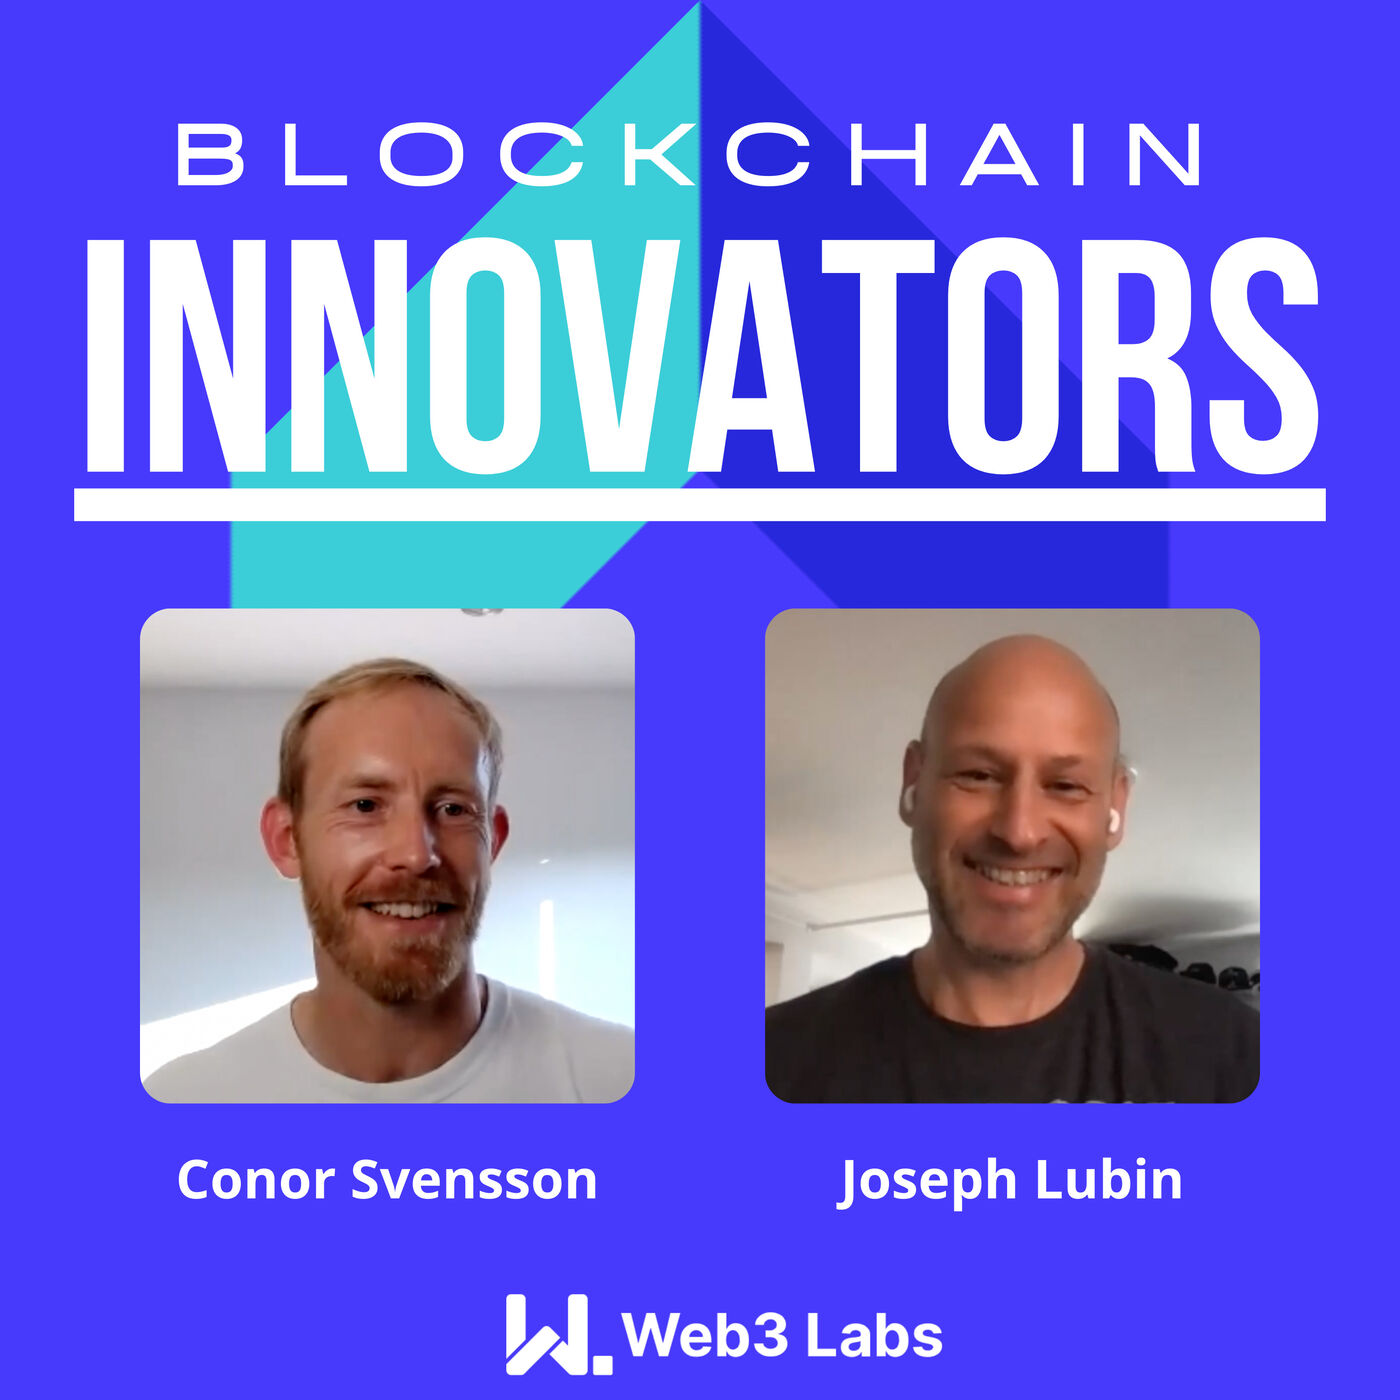 Blockchain Innovators - Conor Svensson and Joseph Lubin